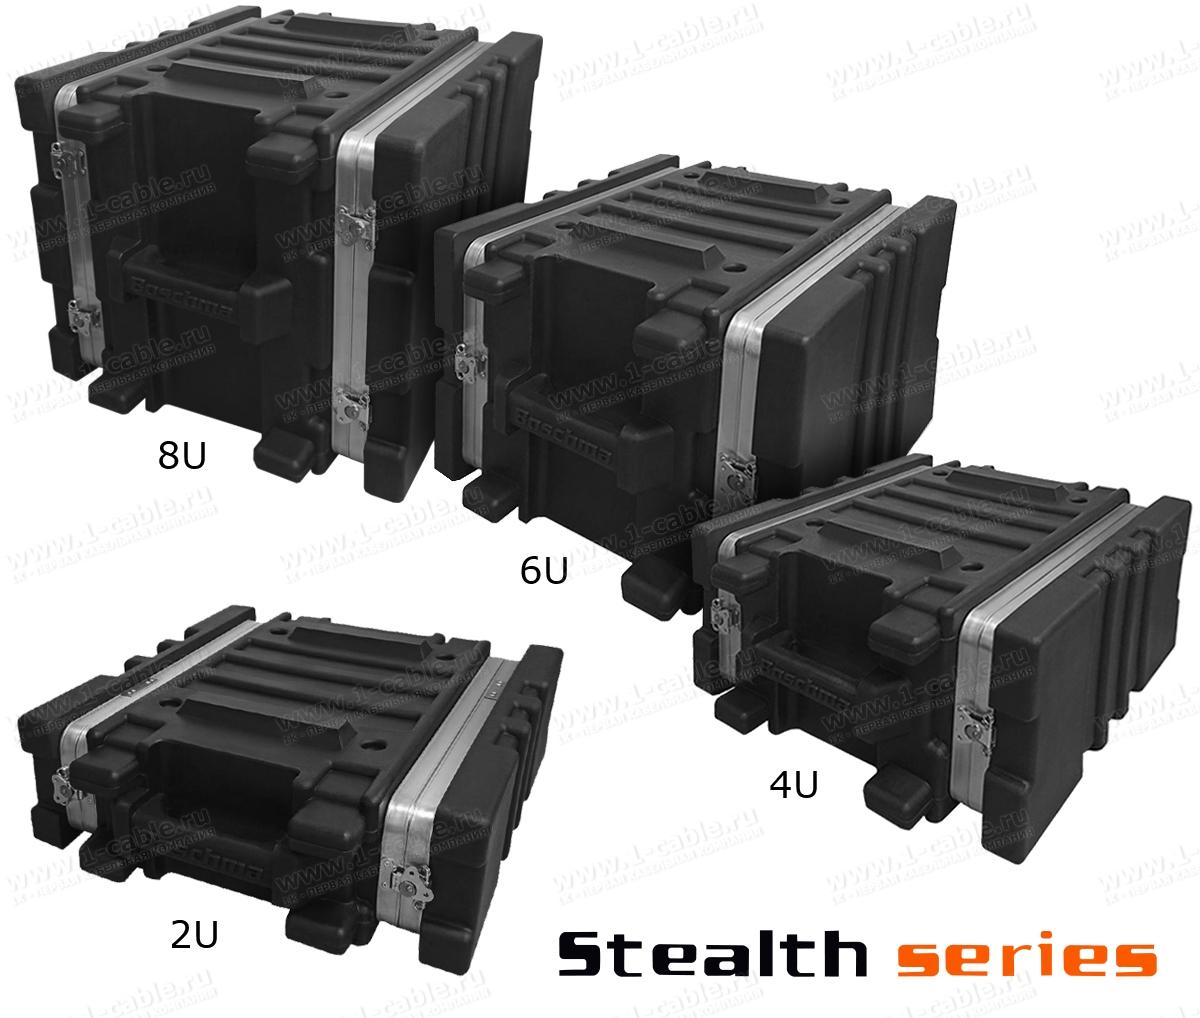 BC-2UBL, Профессиональный кофр из ударопрочного пластика для рэкового оборудования (крепеж в комплекте), серия Stealth